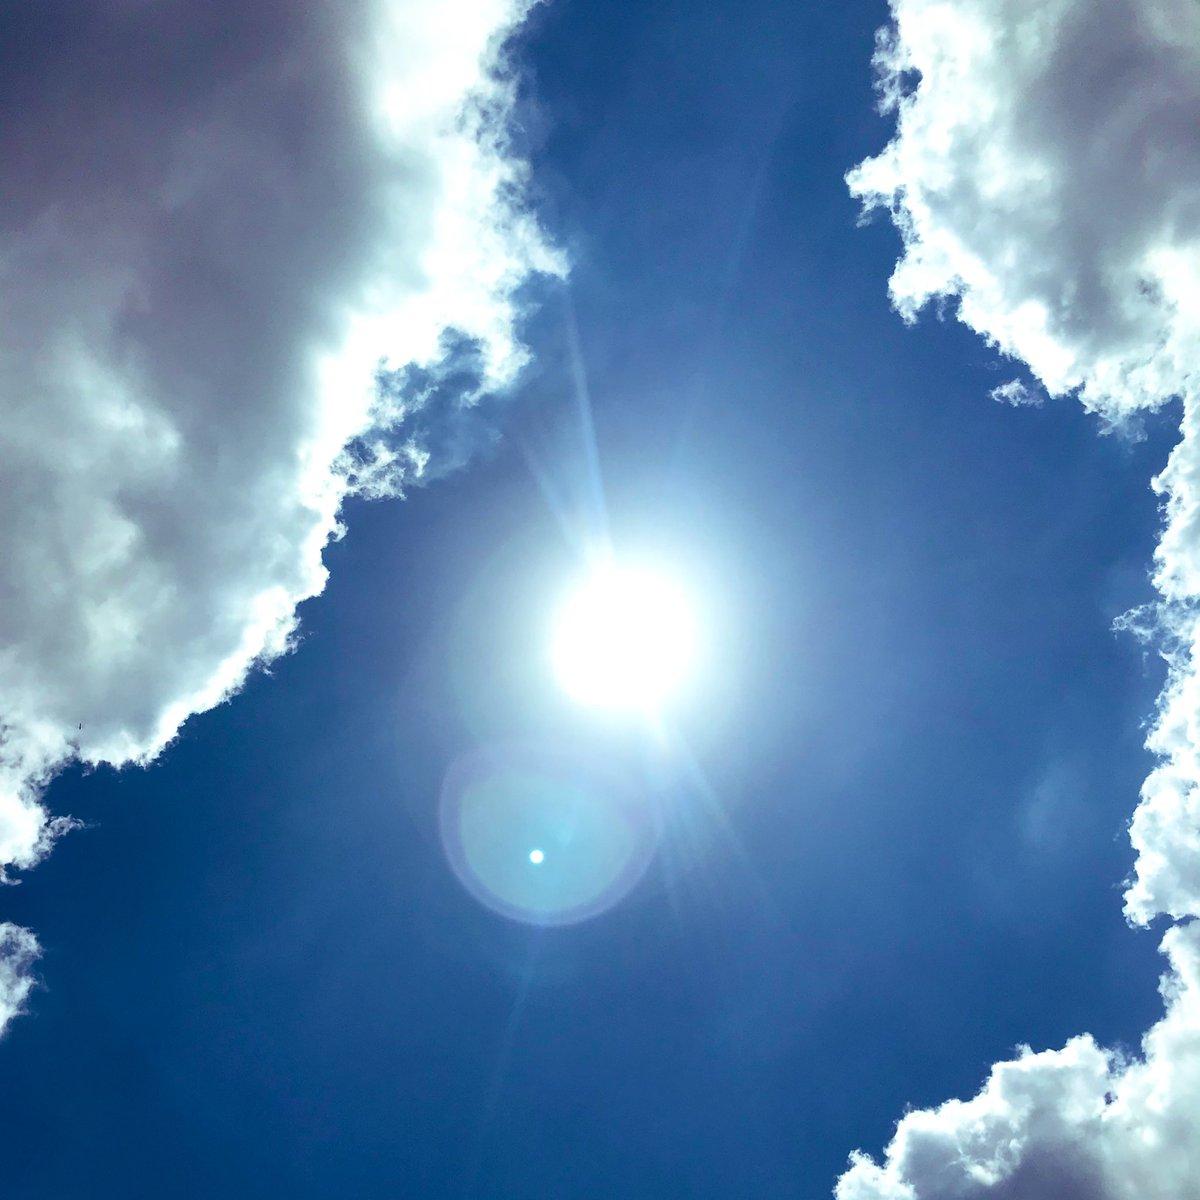 次のお客様の前に役所へ🚗役所前の伊奈町の青空。日差しは強いですが、快晴☀️は気分も晴々☀️伊奈店ホットペッパーからのご予約…#埼玉脱毛 #顔脱毛 #VIO#プライベートサロン #伊奈町